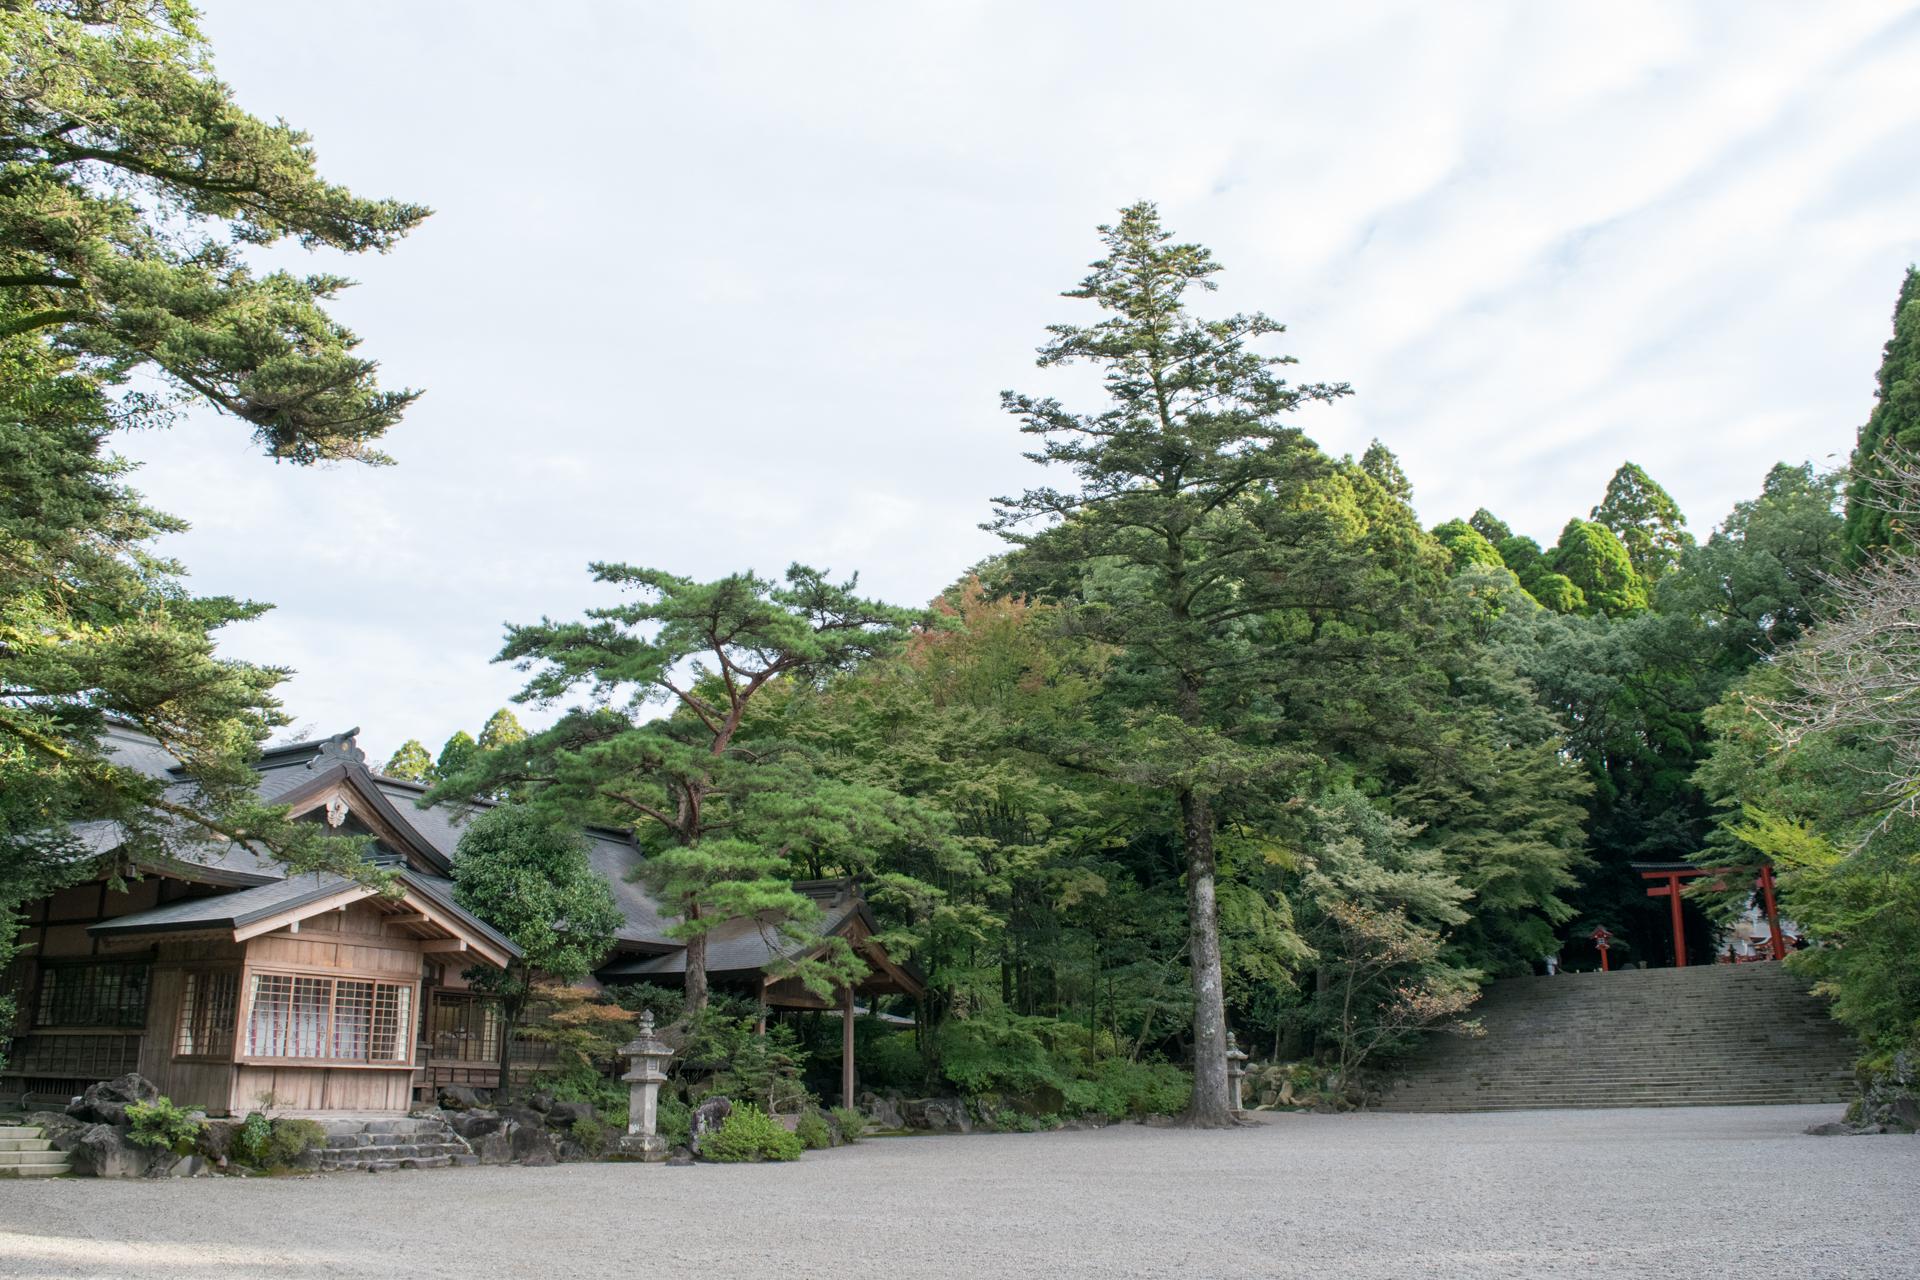 f:id:mitatowa:20161026195700j:plain